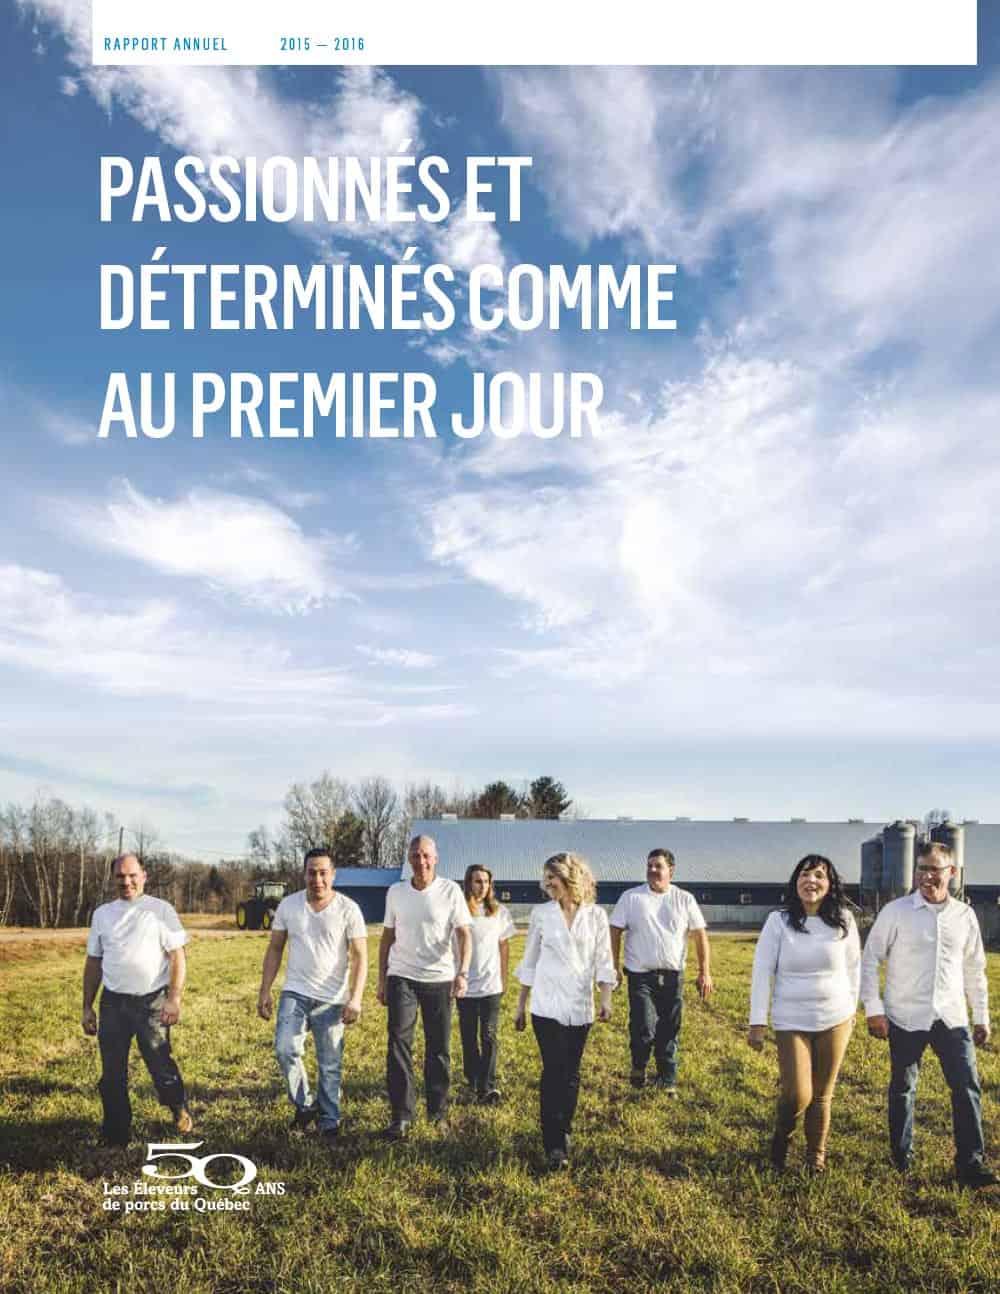 Graphisme du rapport annuel 2015-2016 des Éleveurs de porcs du Québec